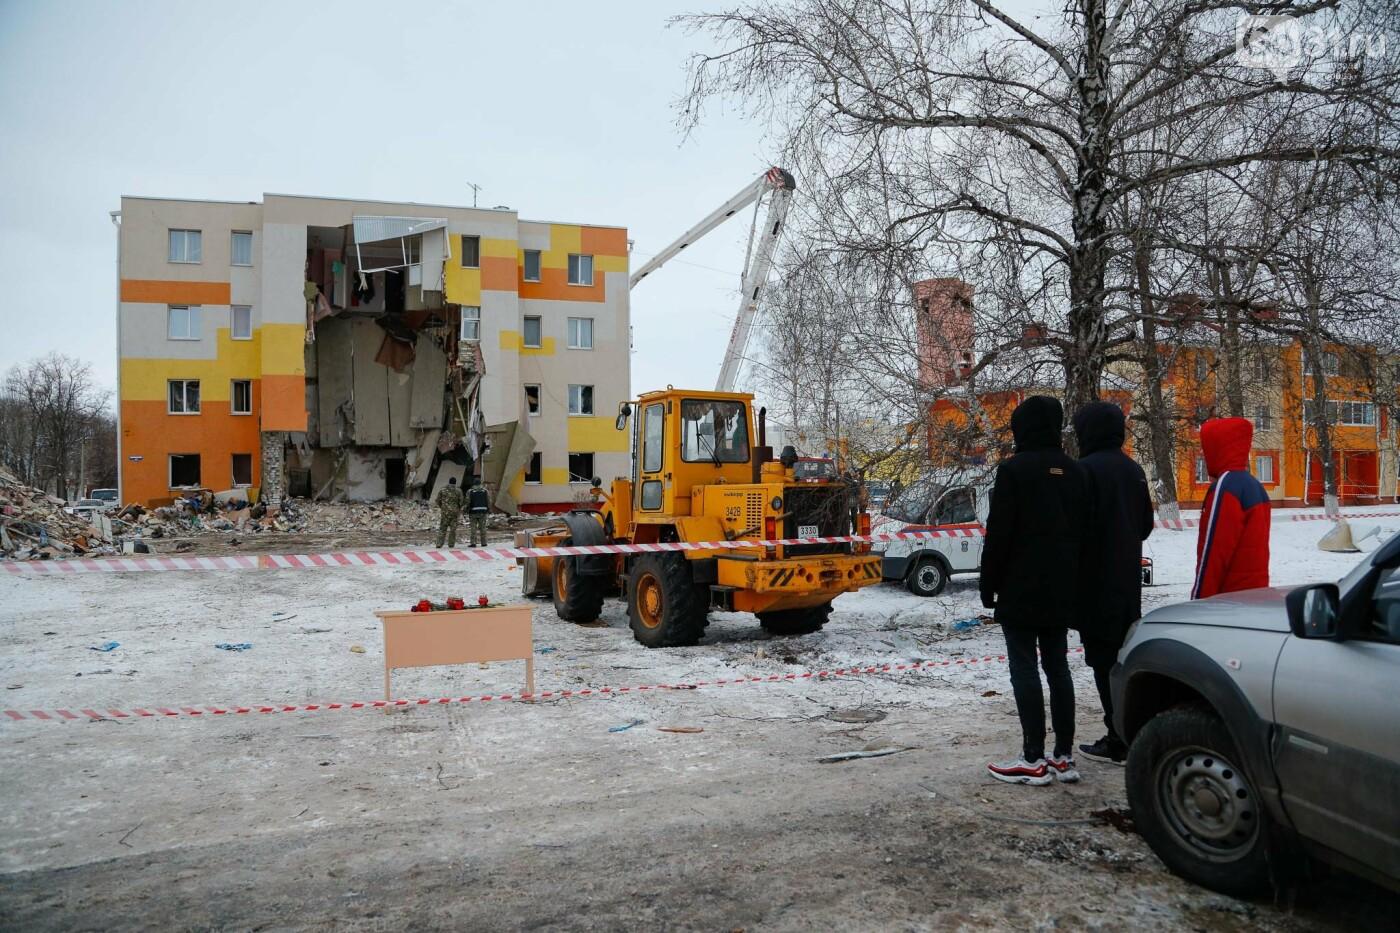 Белгородцы приносят цветы к разрушенному взрывом дому в Яковлево, фото-16